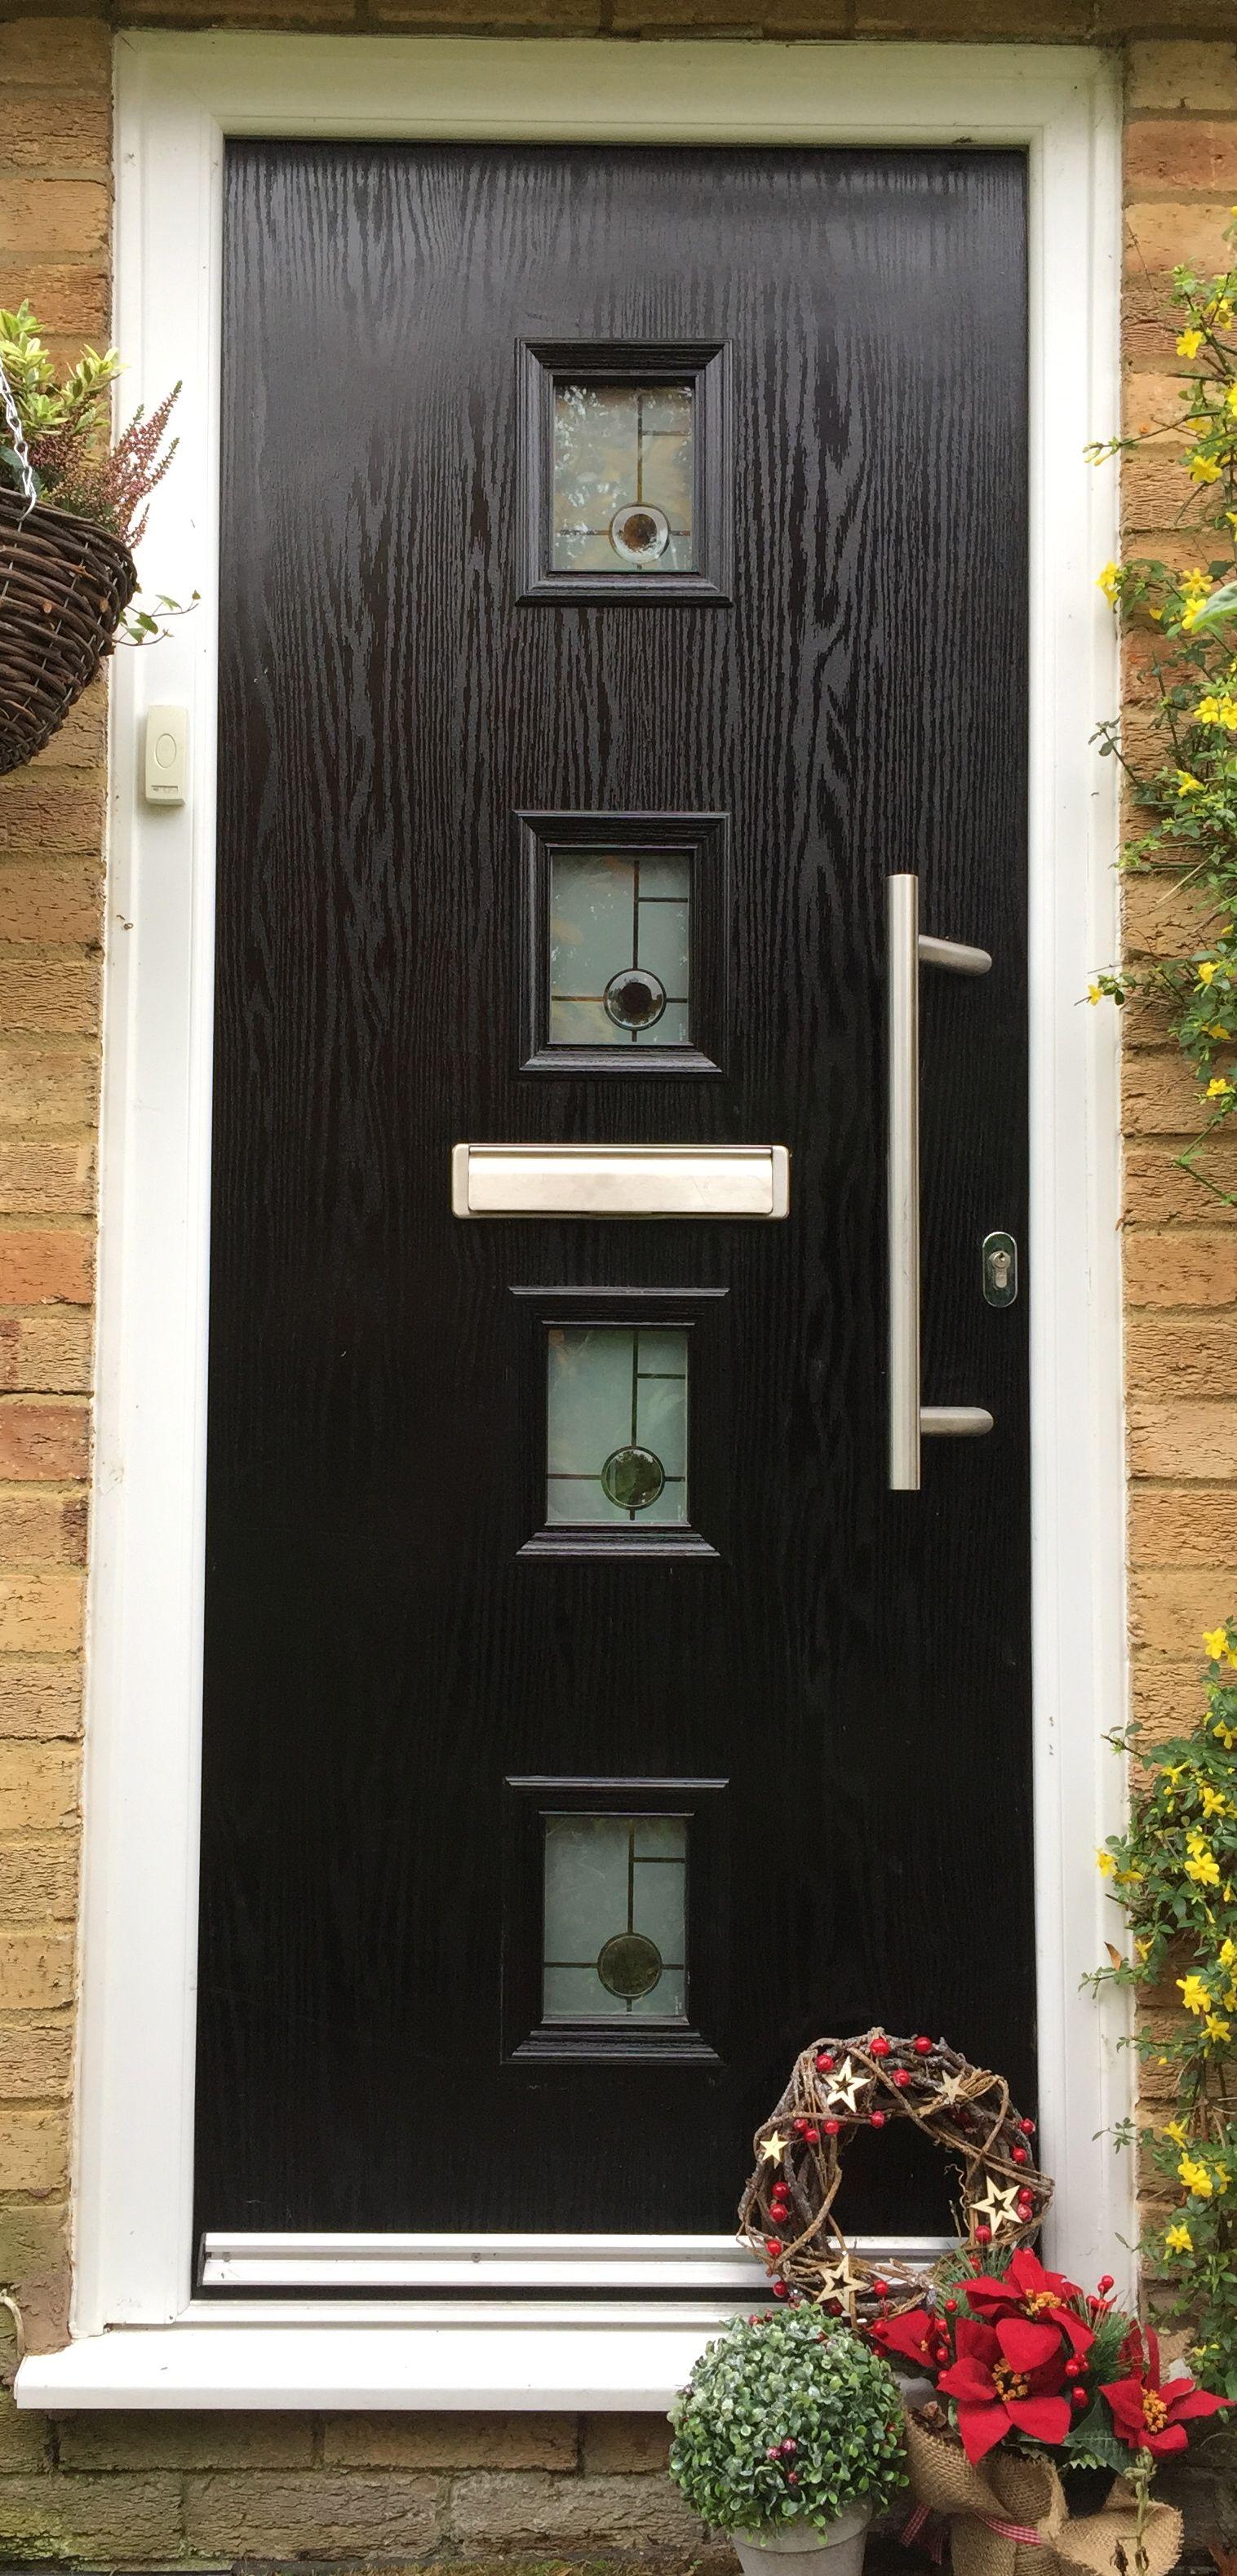 Black Composite Door Design And Order Online With Adoored We Have